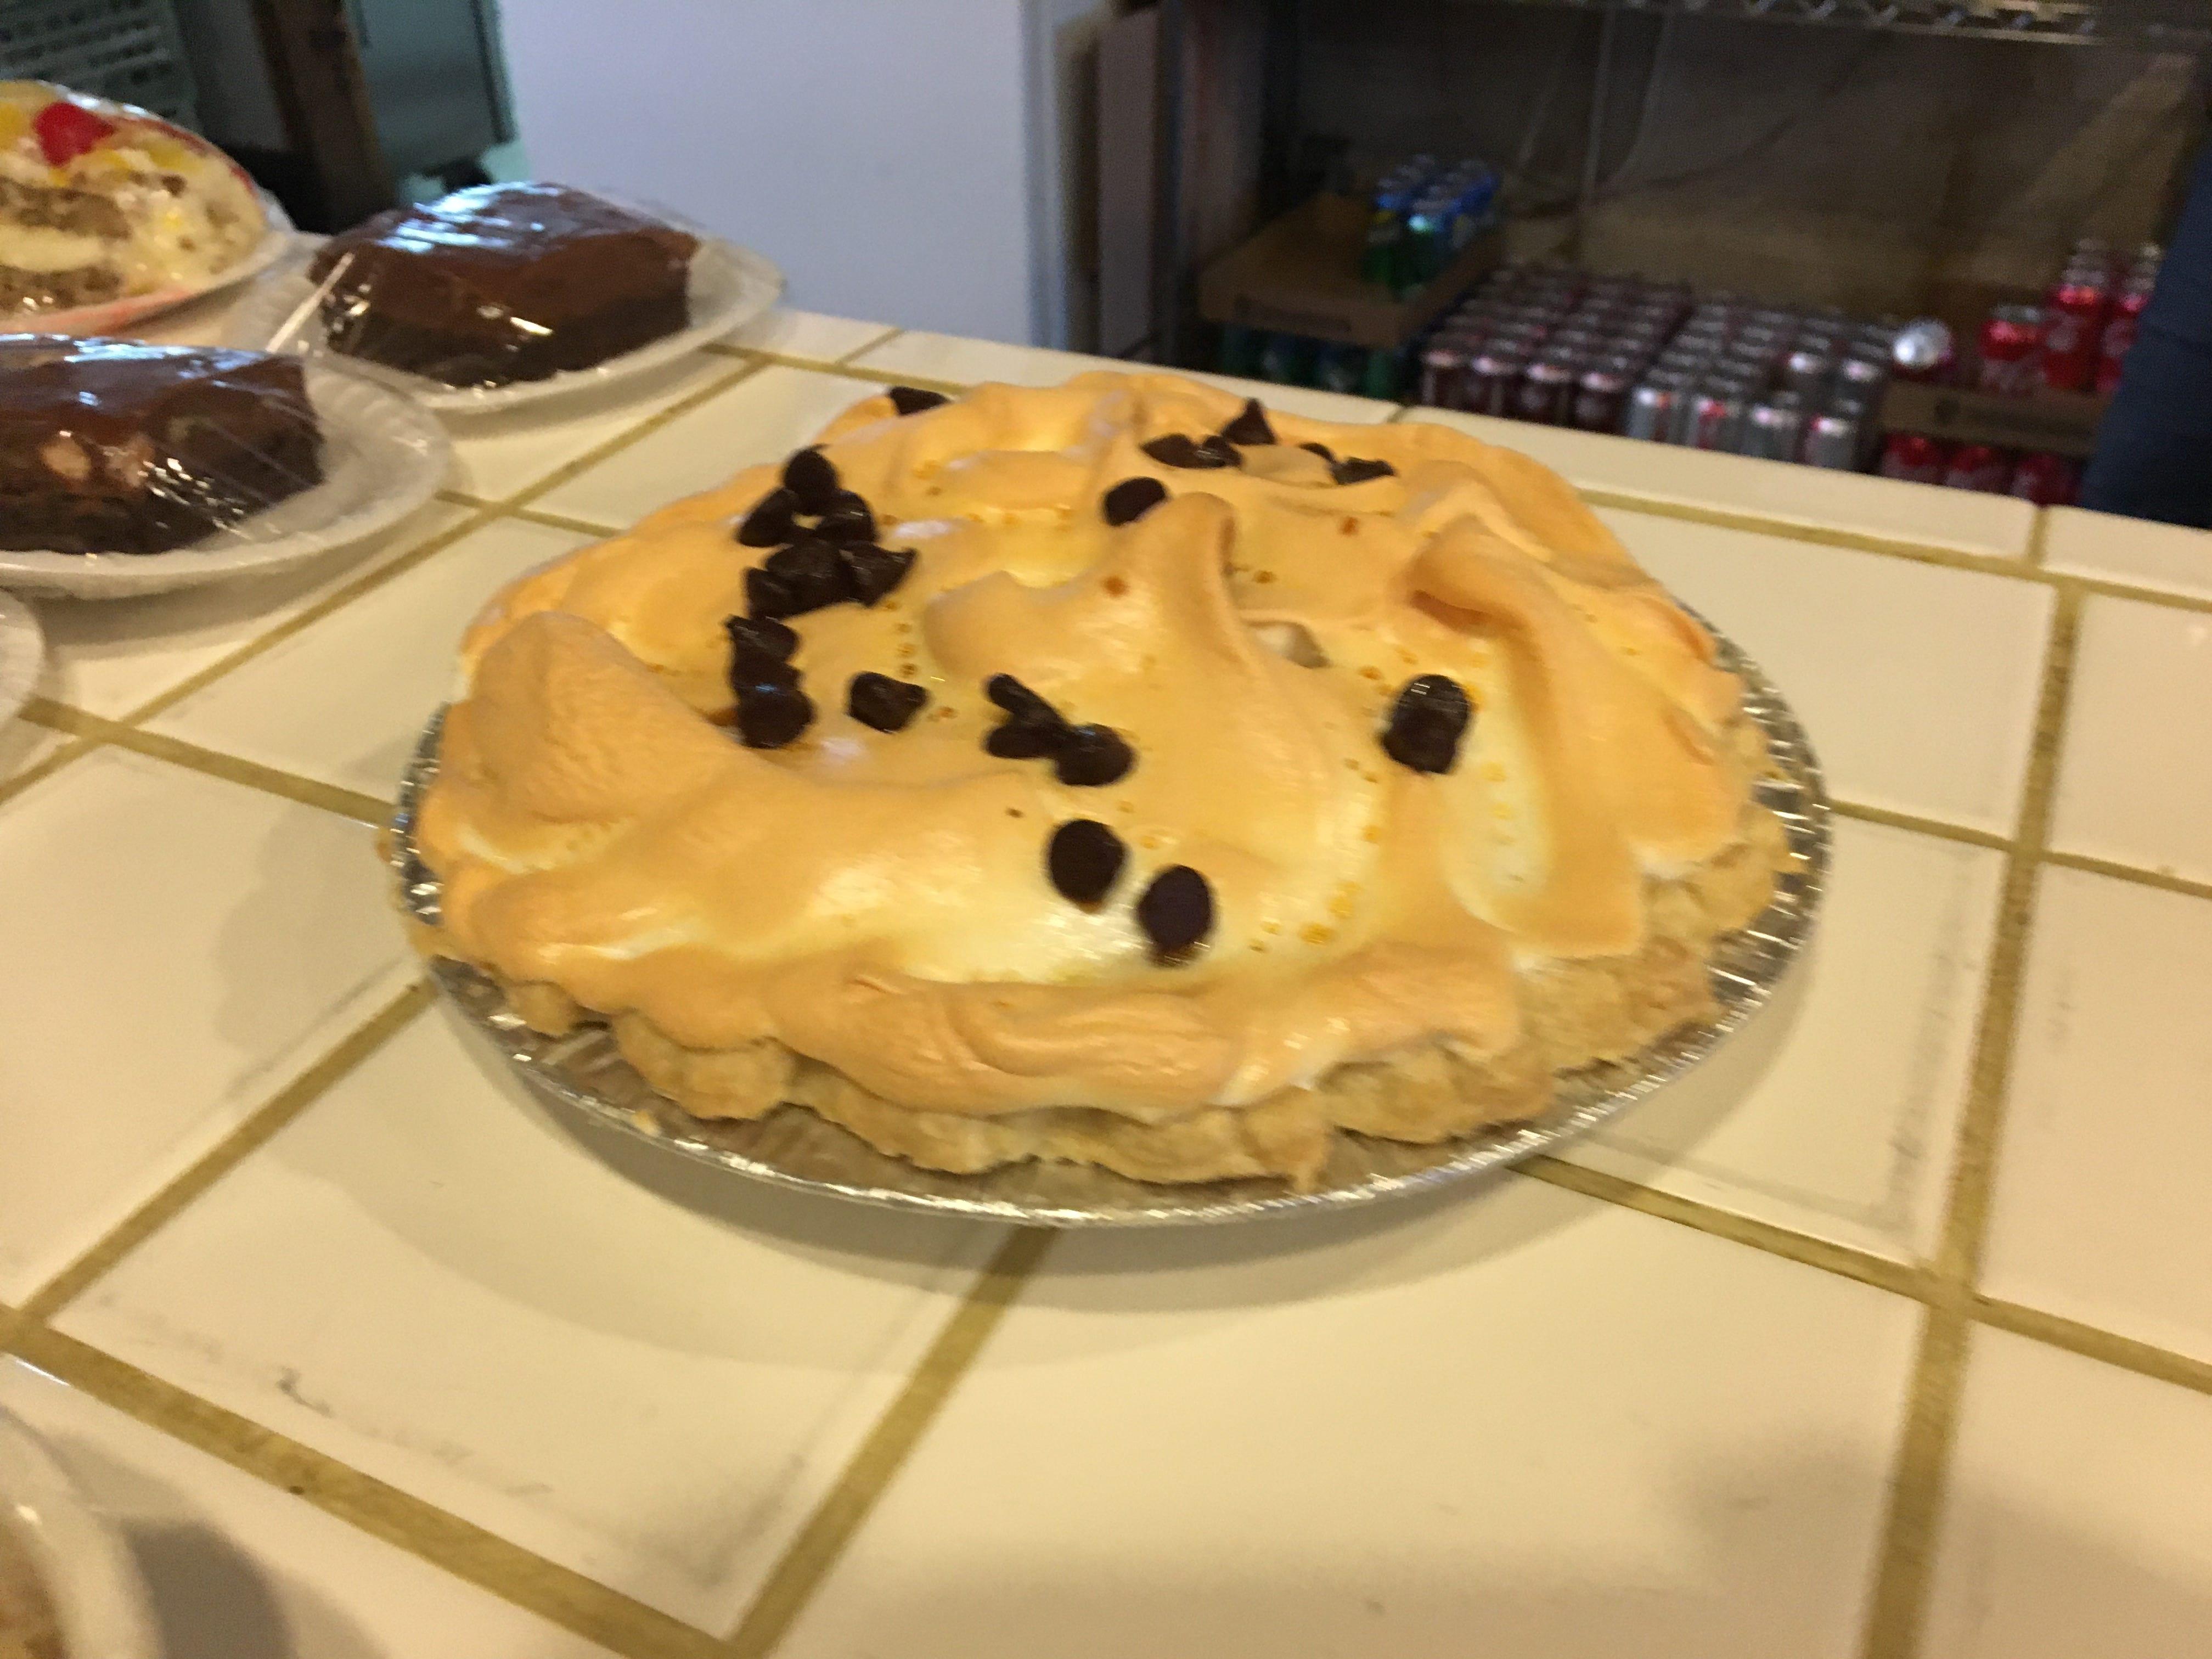 Word has it that the Miller's Grocery chocolate meringue pie is as good as Grandma's.